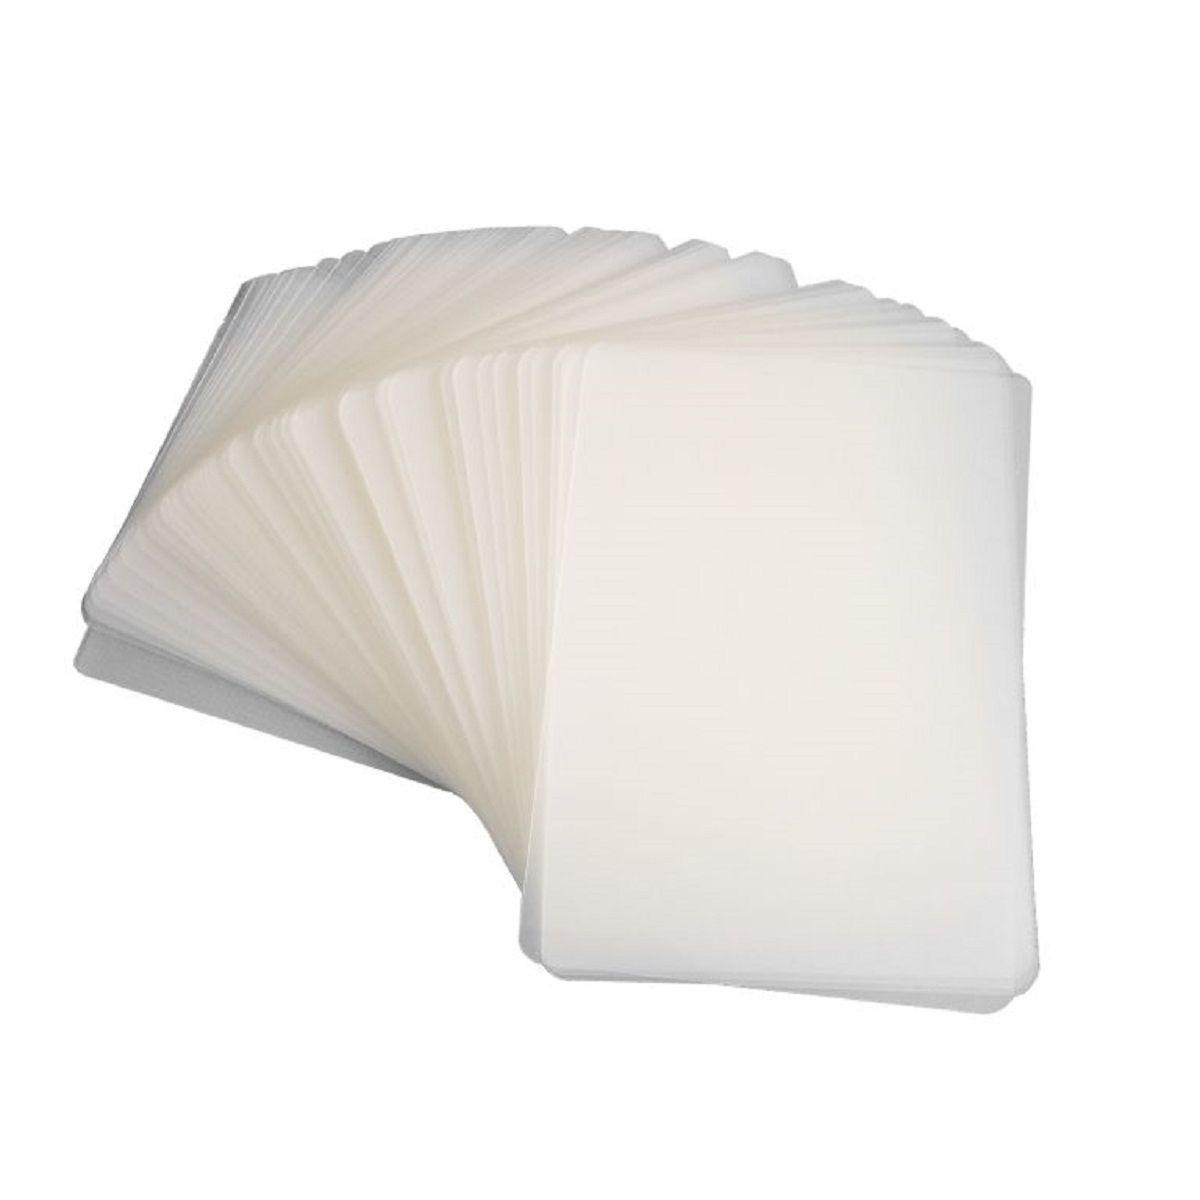 Polaseal para Plastificação CPF 66x99x0,10mm (250 micras) - Pacote com 100 unidades  - Click Suprimentos